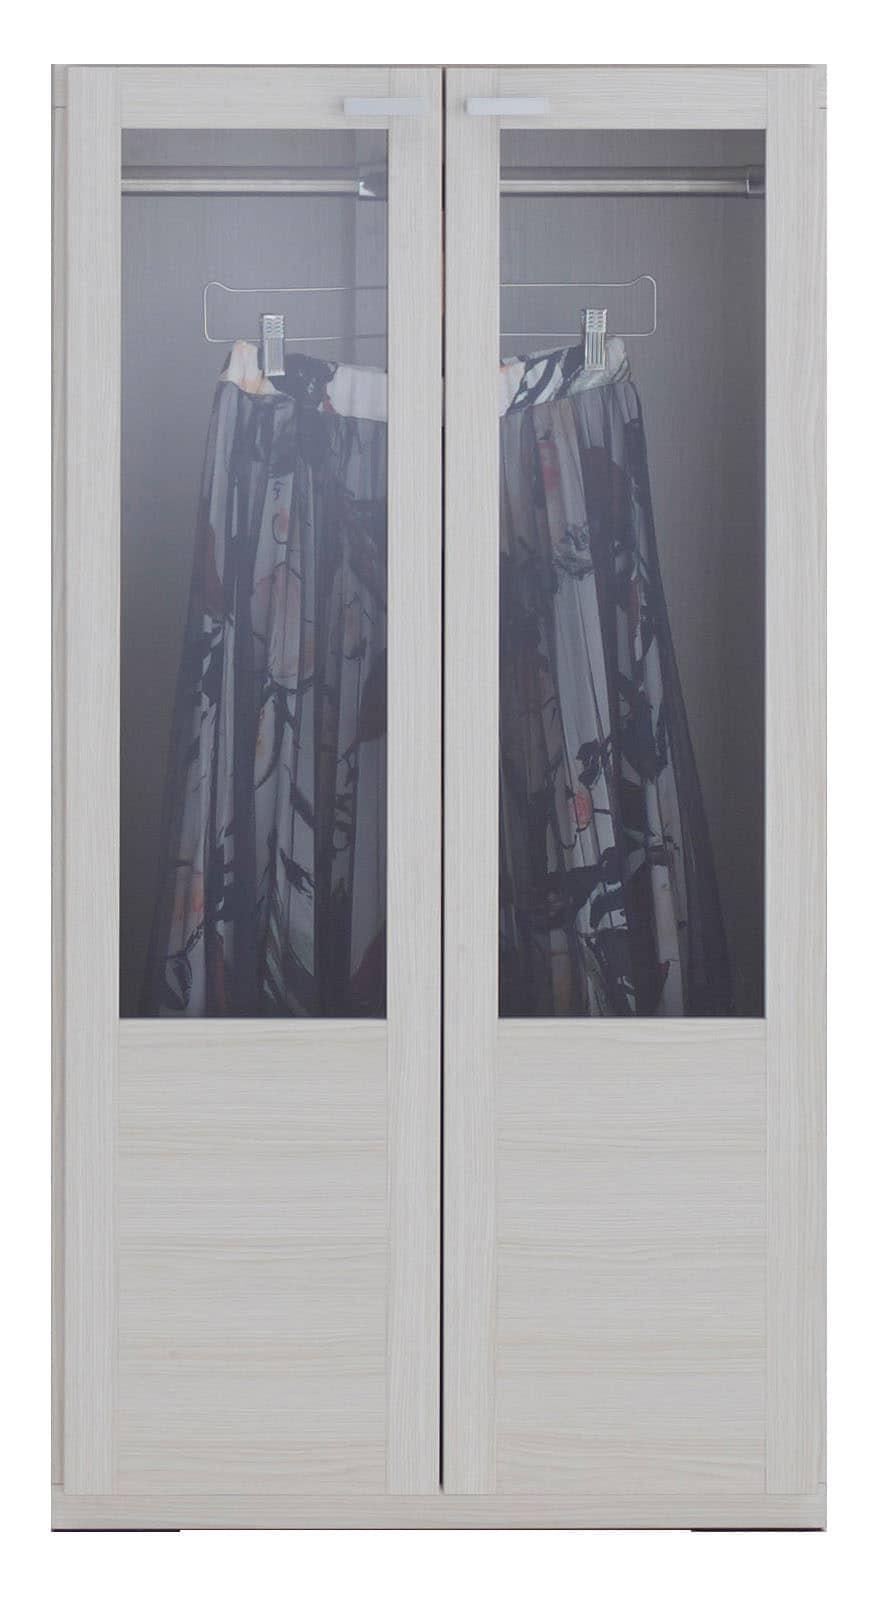 壁面収納 GCS−60洋服ガラス戸タイプ(WH)ホワイト:壁面収納 GCS−60洋服ガラス戸タイプ(WH)ホワイト